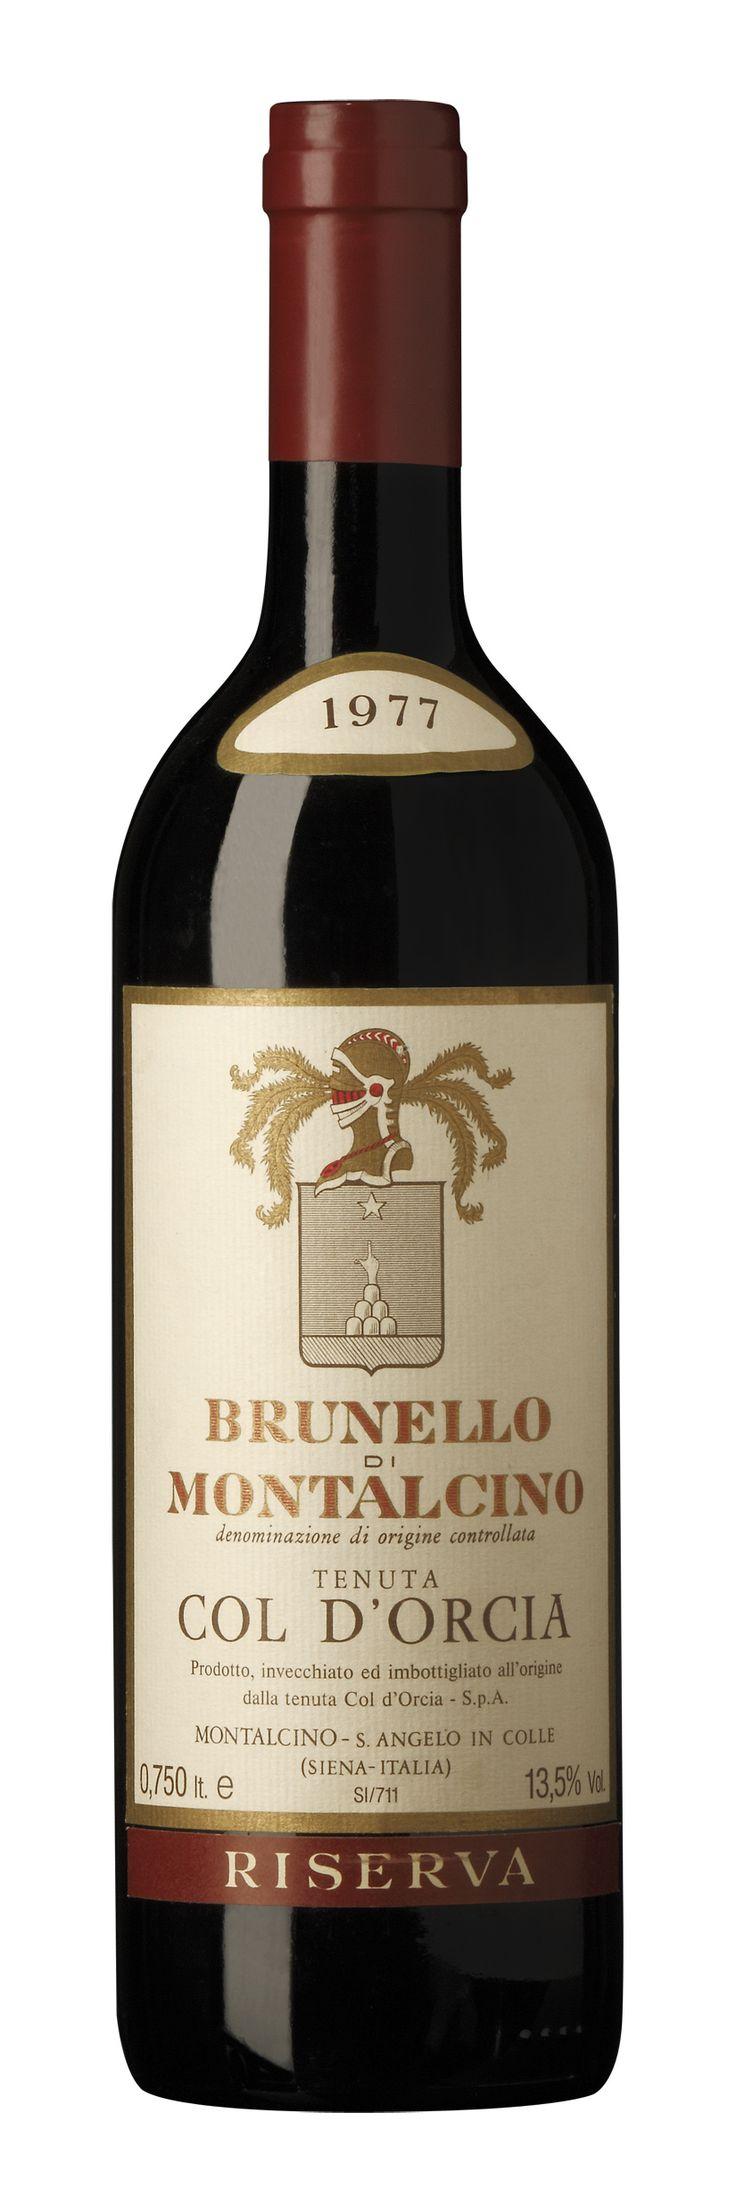 Old Riserva of Brunello di Montalcino by Col d'Orcia 1977